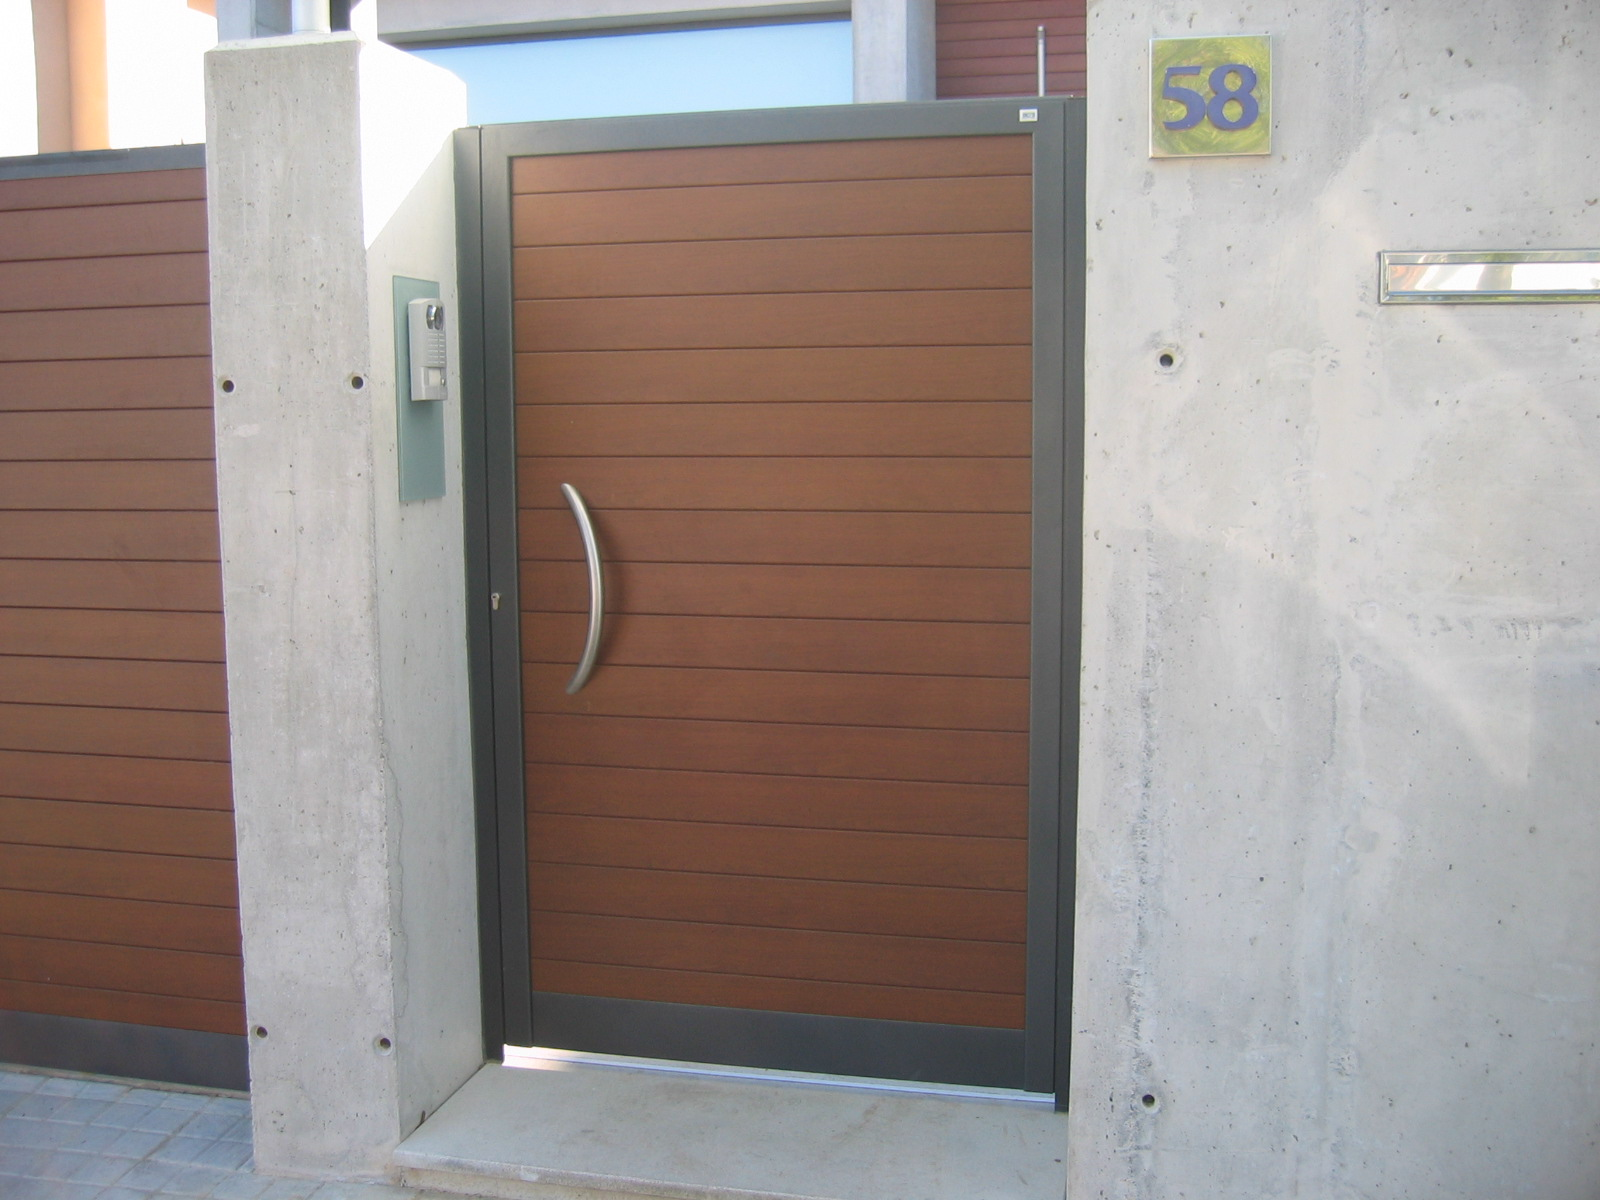 Puertas de jardin puertas y vallas cristalera gustavo - Puertas metalicas jardin ...